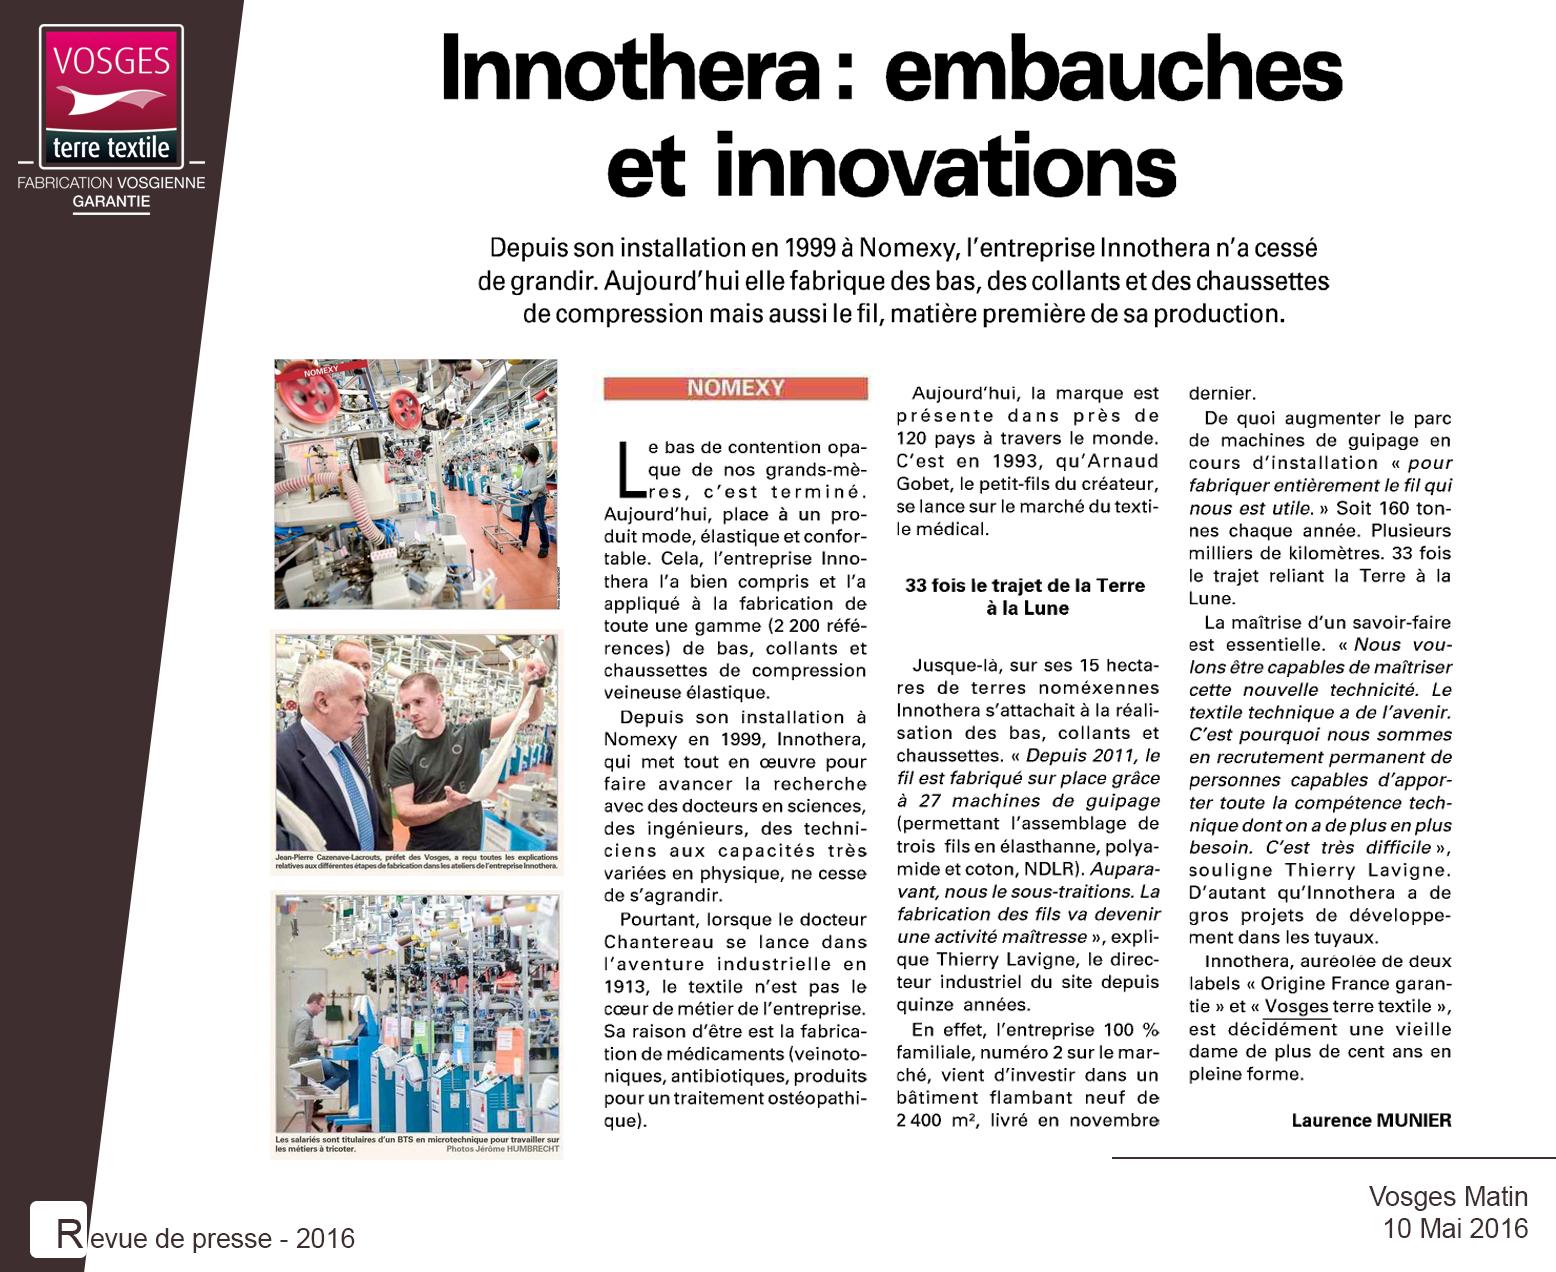 Article paru dans Vosges matin et sur Vosgesmatin.fr